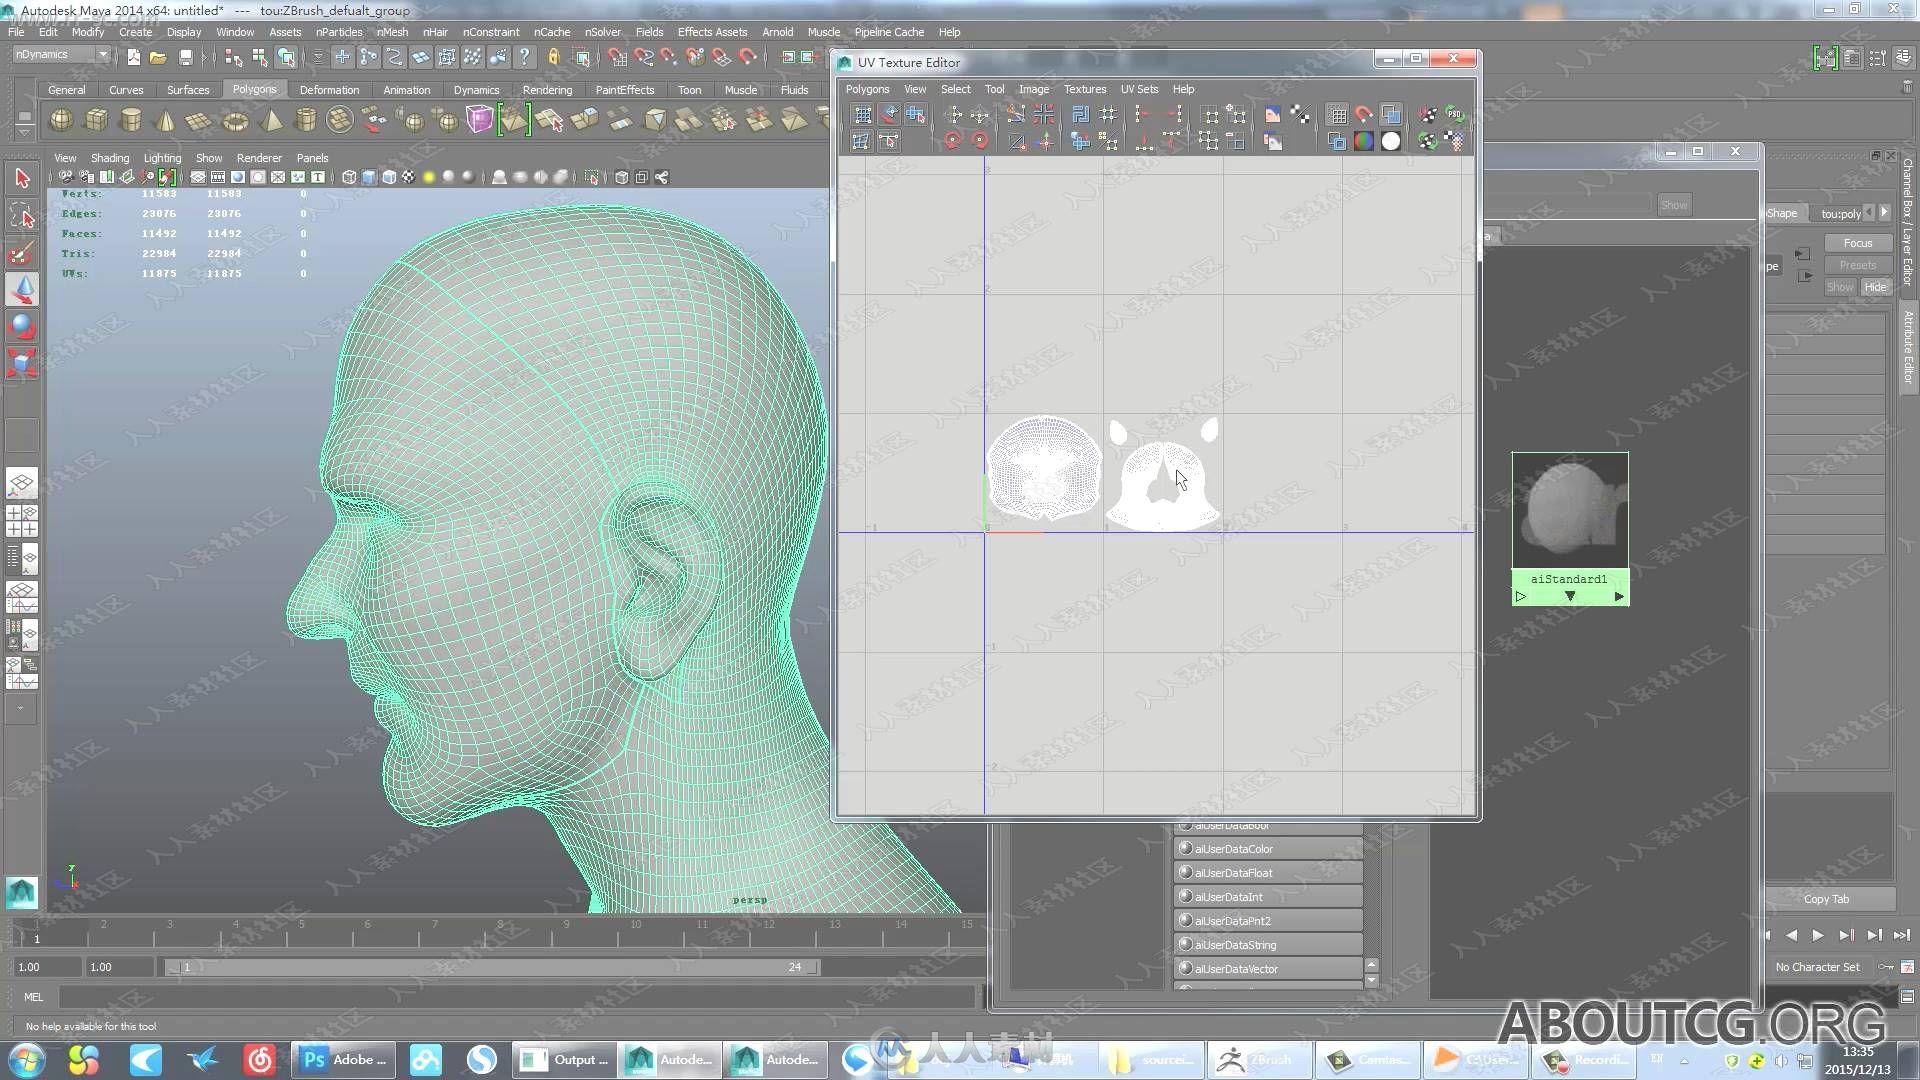 ACG超写实角色《剑圣》全流程建模Maya ZBrush视频教程